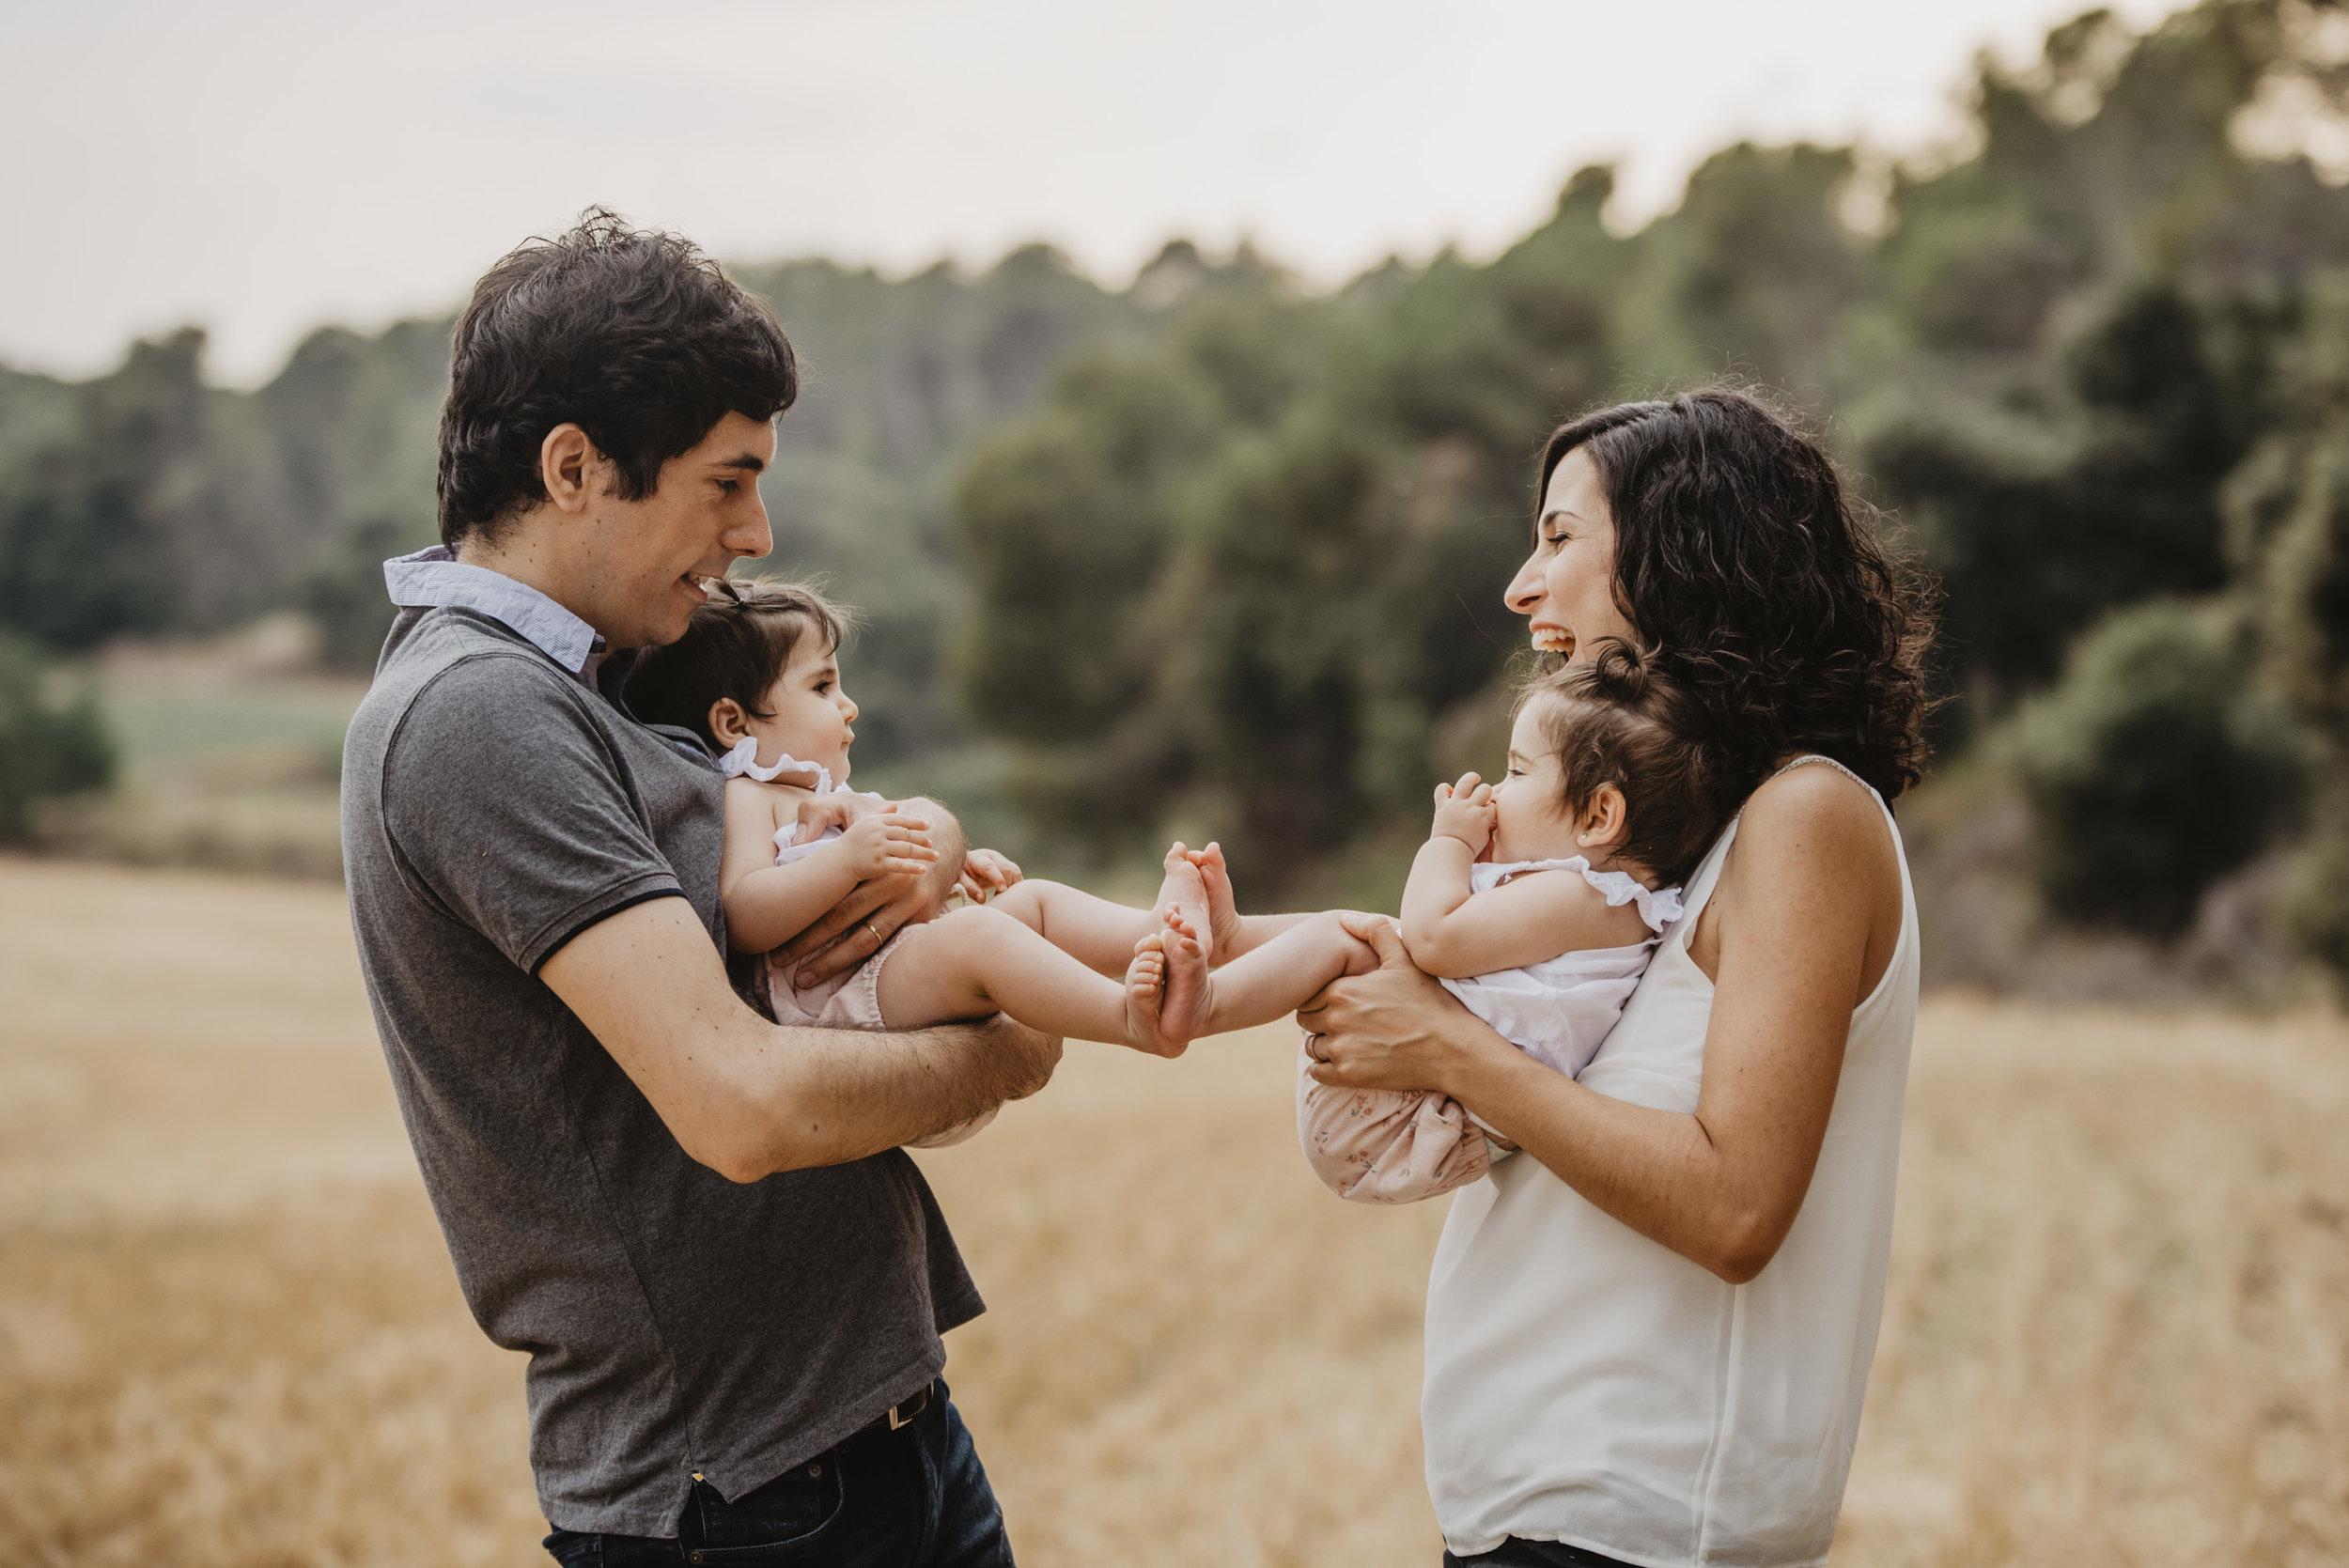 familia-reportatge-fotos-catalunya-terrassa-bessones-mellizas-mia-moments-photo-fotografia-familiar-exterior-13.jpg